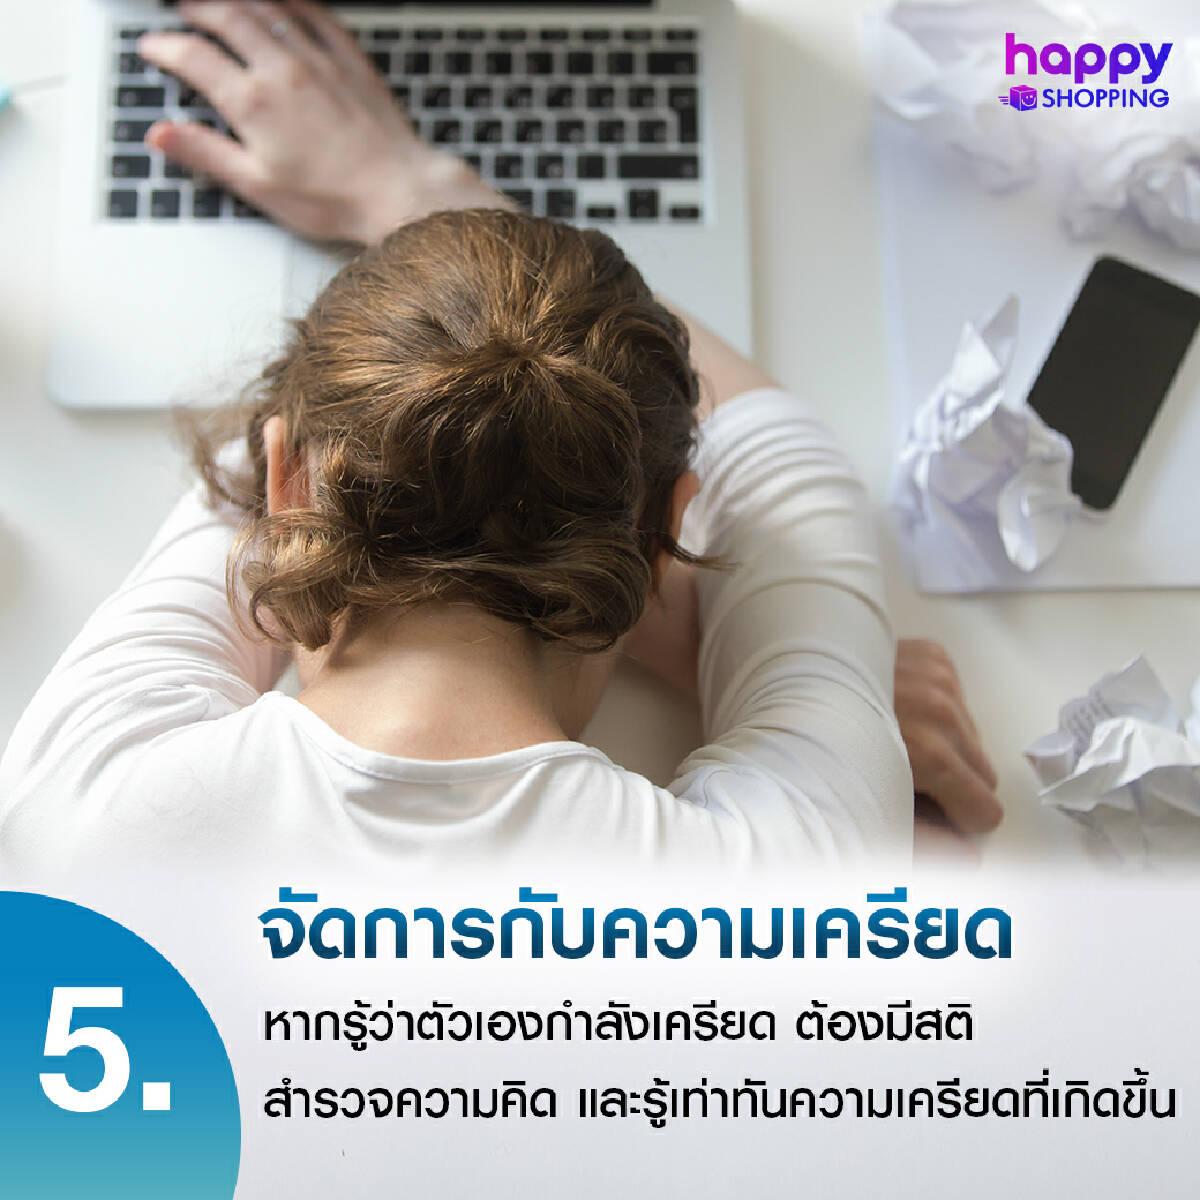 6 วิธีเสริมภูมิคุ้มกัน พร้อมรับมือเชื้อไวรัส